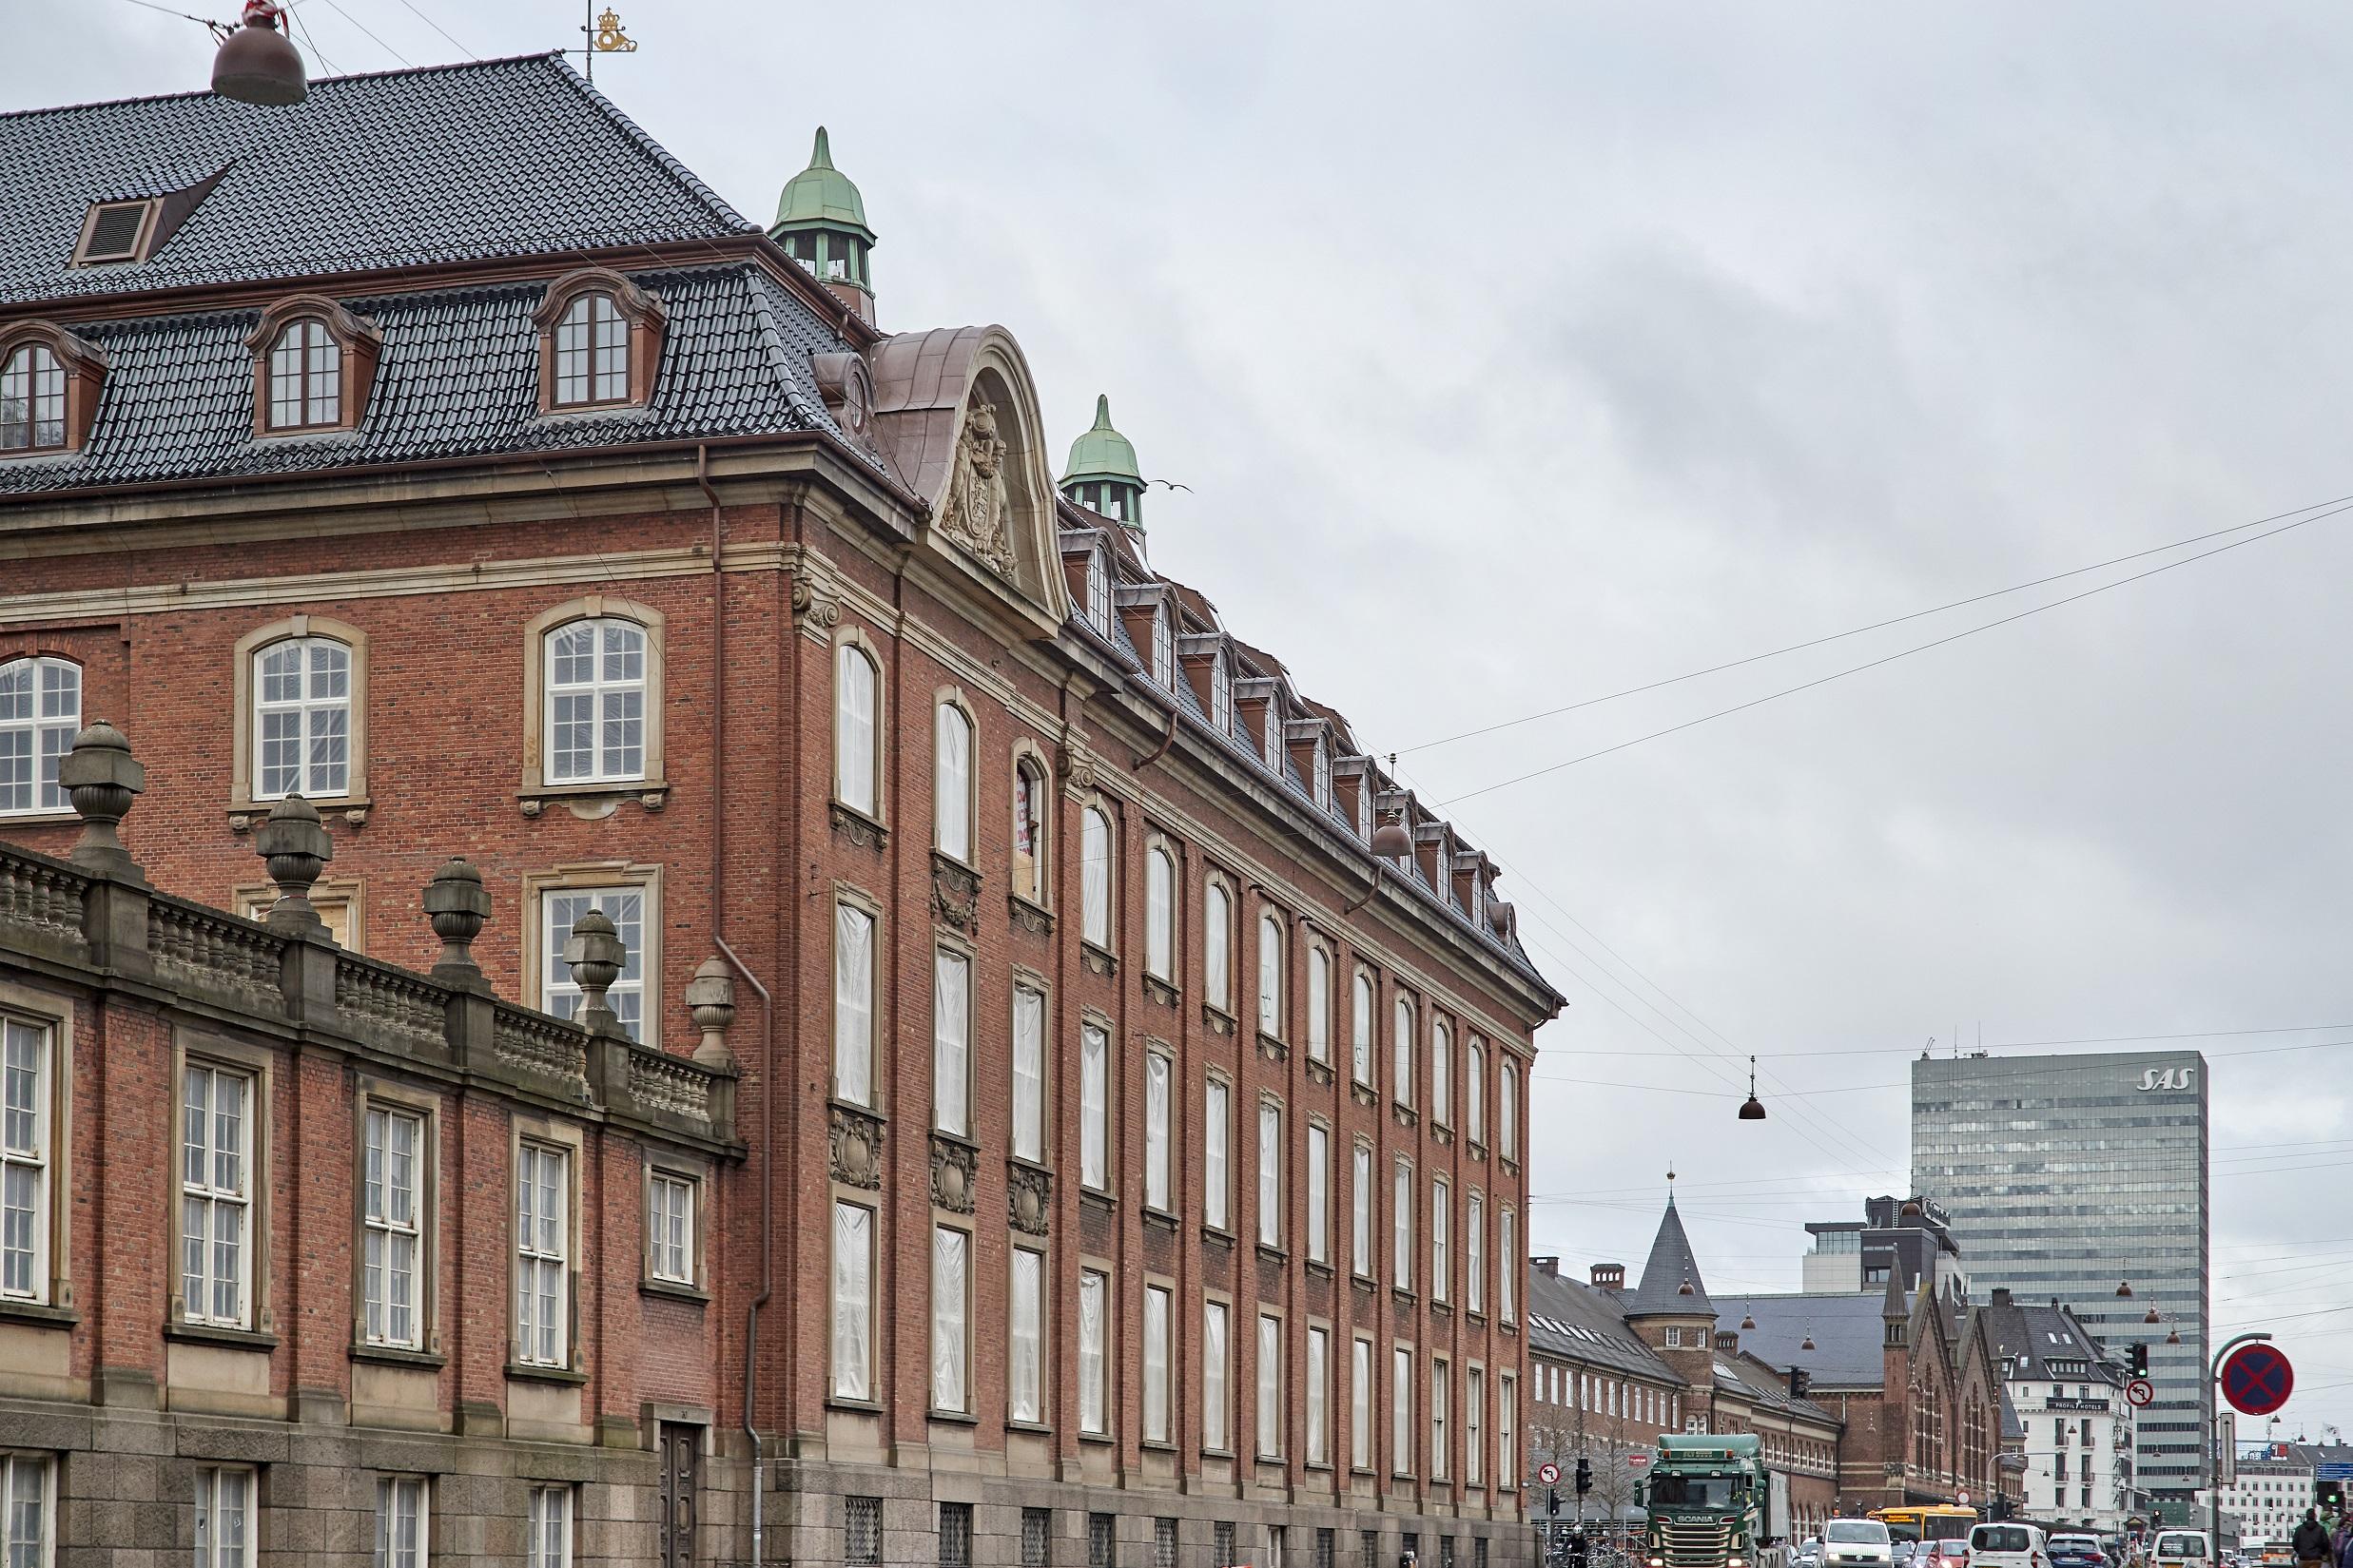 Med 390 værelser og suiter åbner Københavns nyeste luksushotel, Villa Copenhagen, til april. Hotellet er med på ny listen over verdens mest lovende hotelåbninger i år. Pressefoto: Villa Copenhagen.